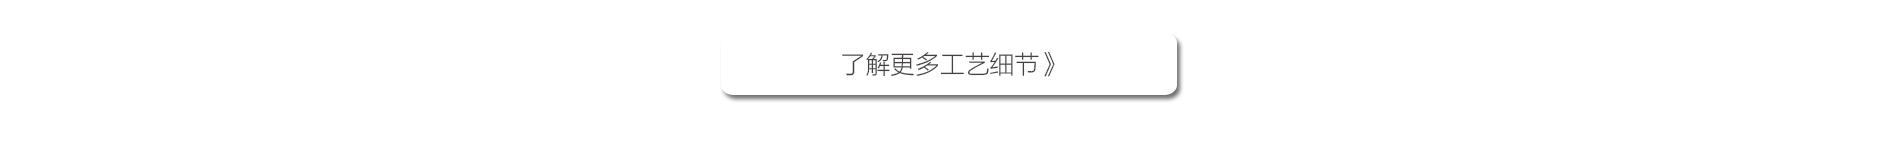 杭州尚层2018初夏别墅设计展